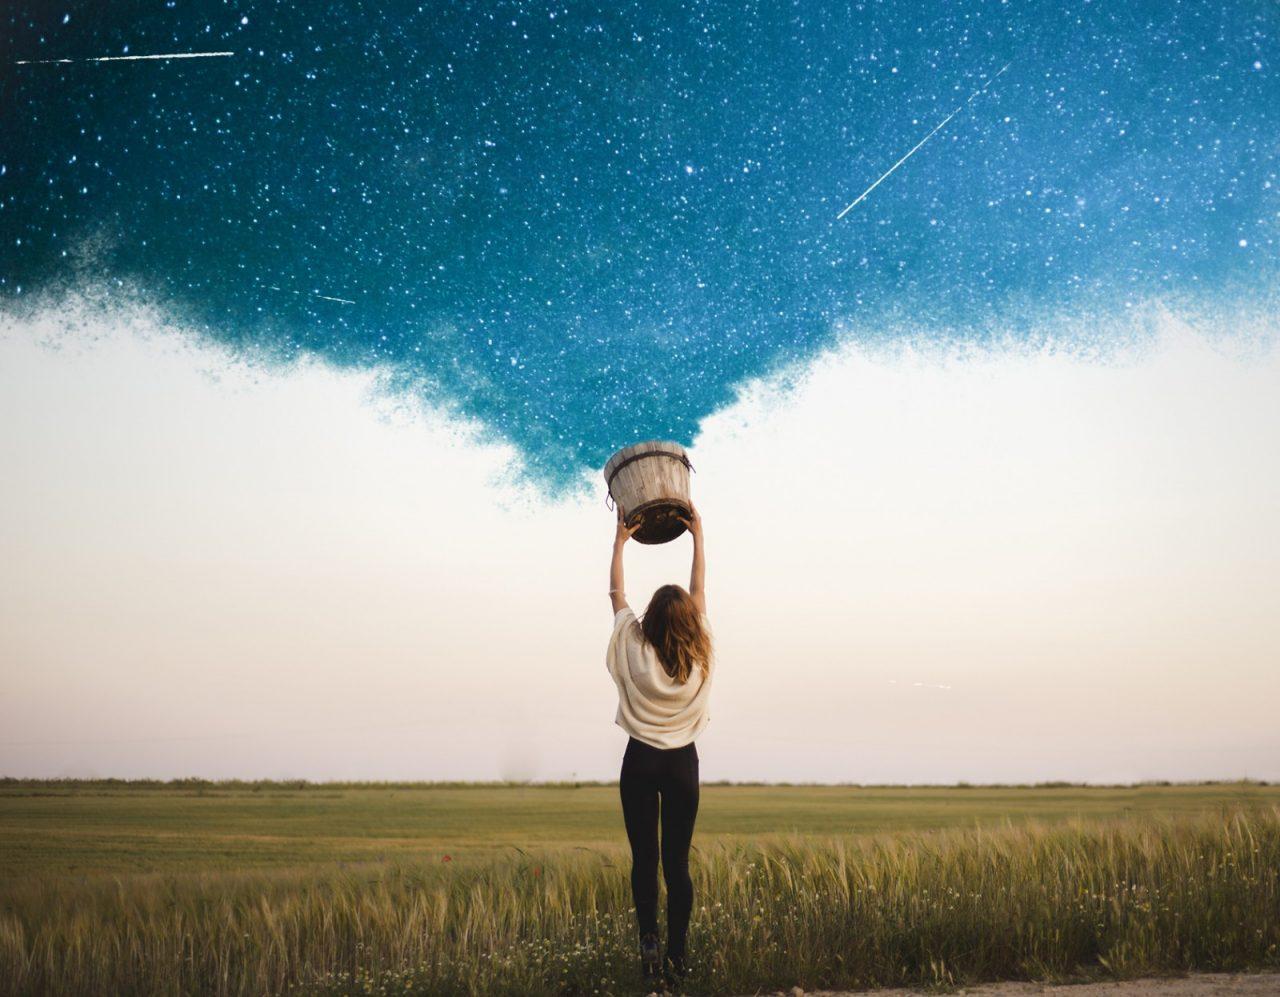 Мечта: смысл жизни или способ самоуничтожения 8